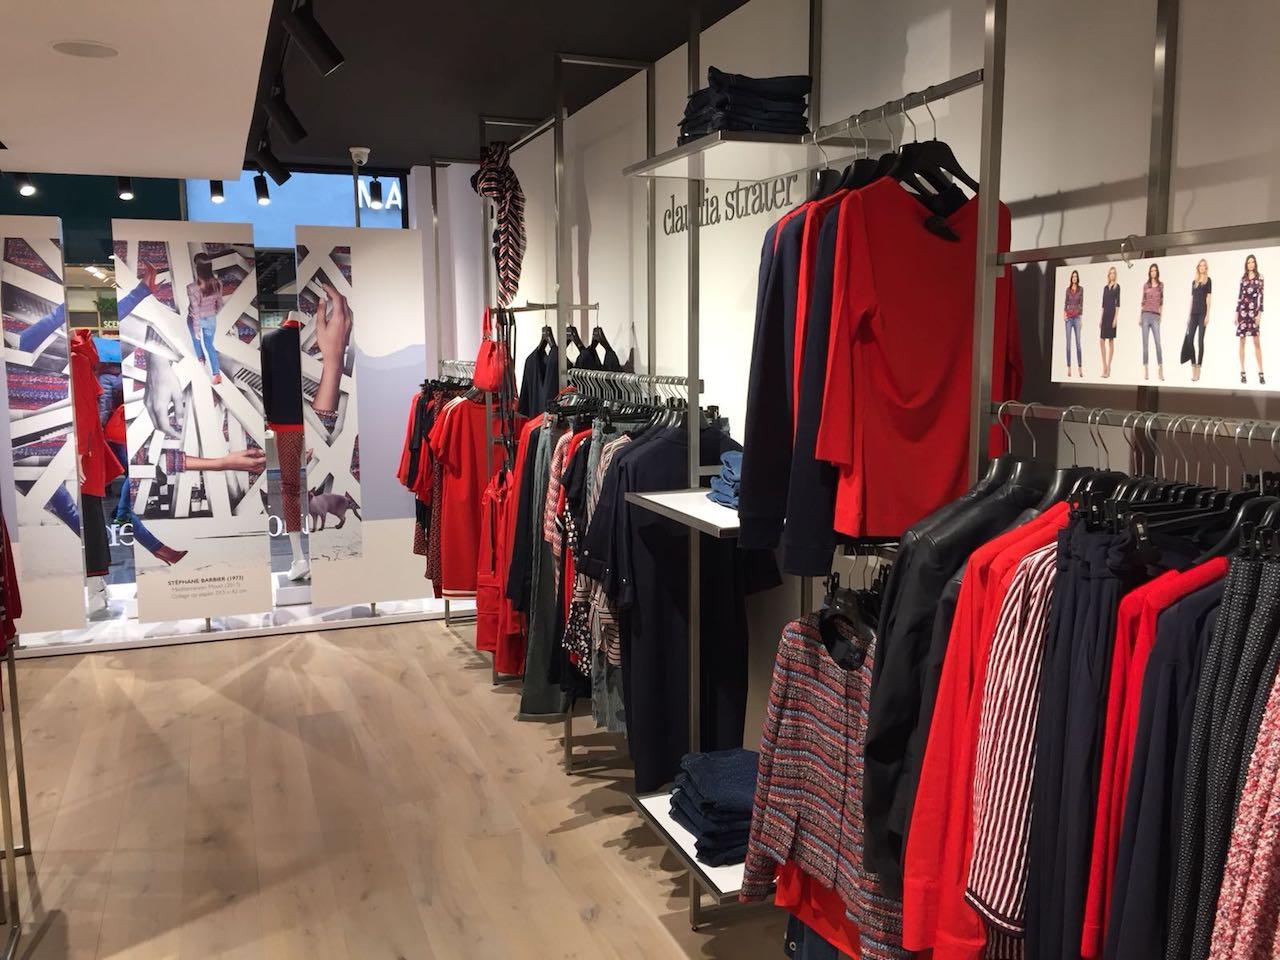 Rvs kledingschap op maat gemaakt in kledingwinkel